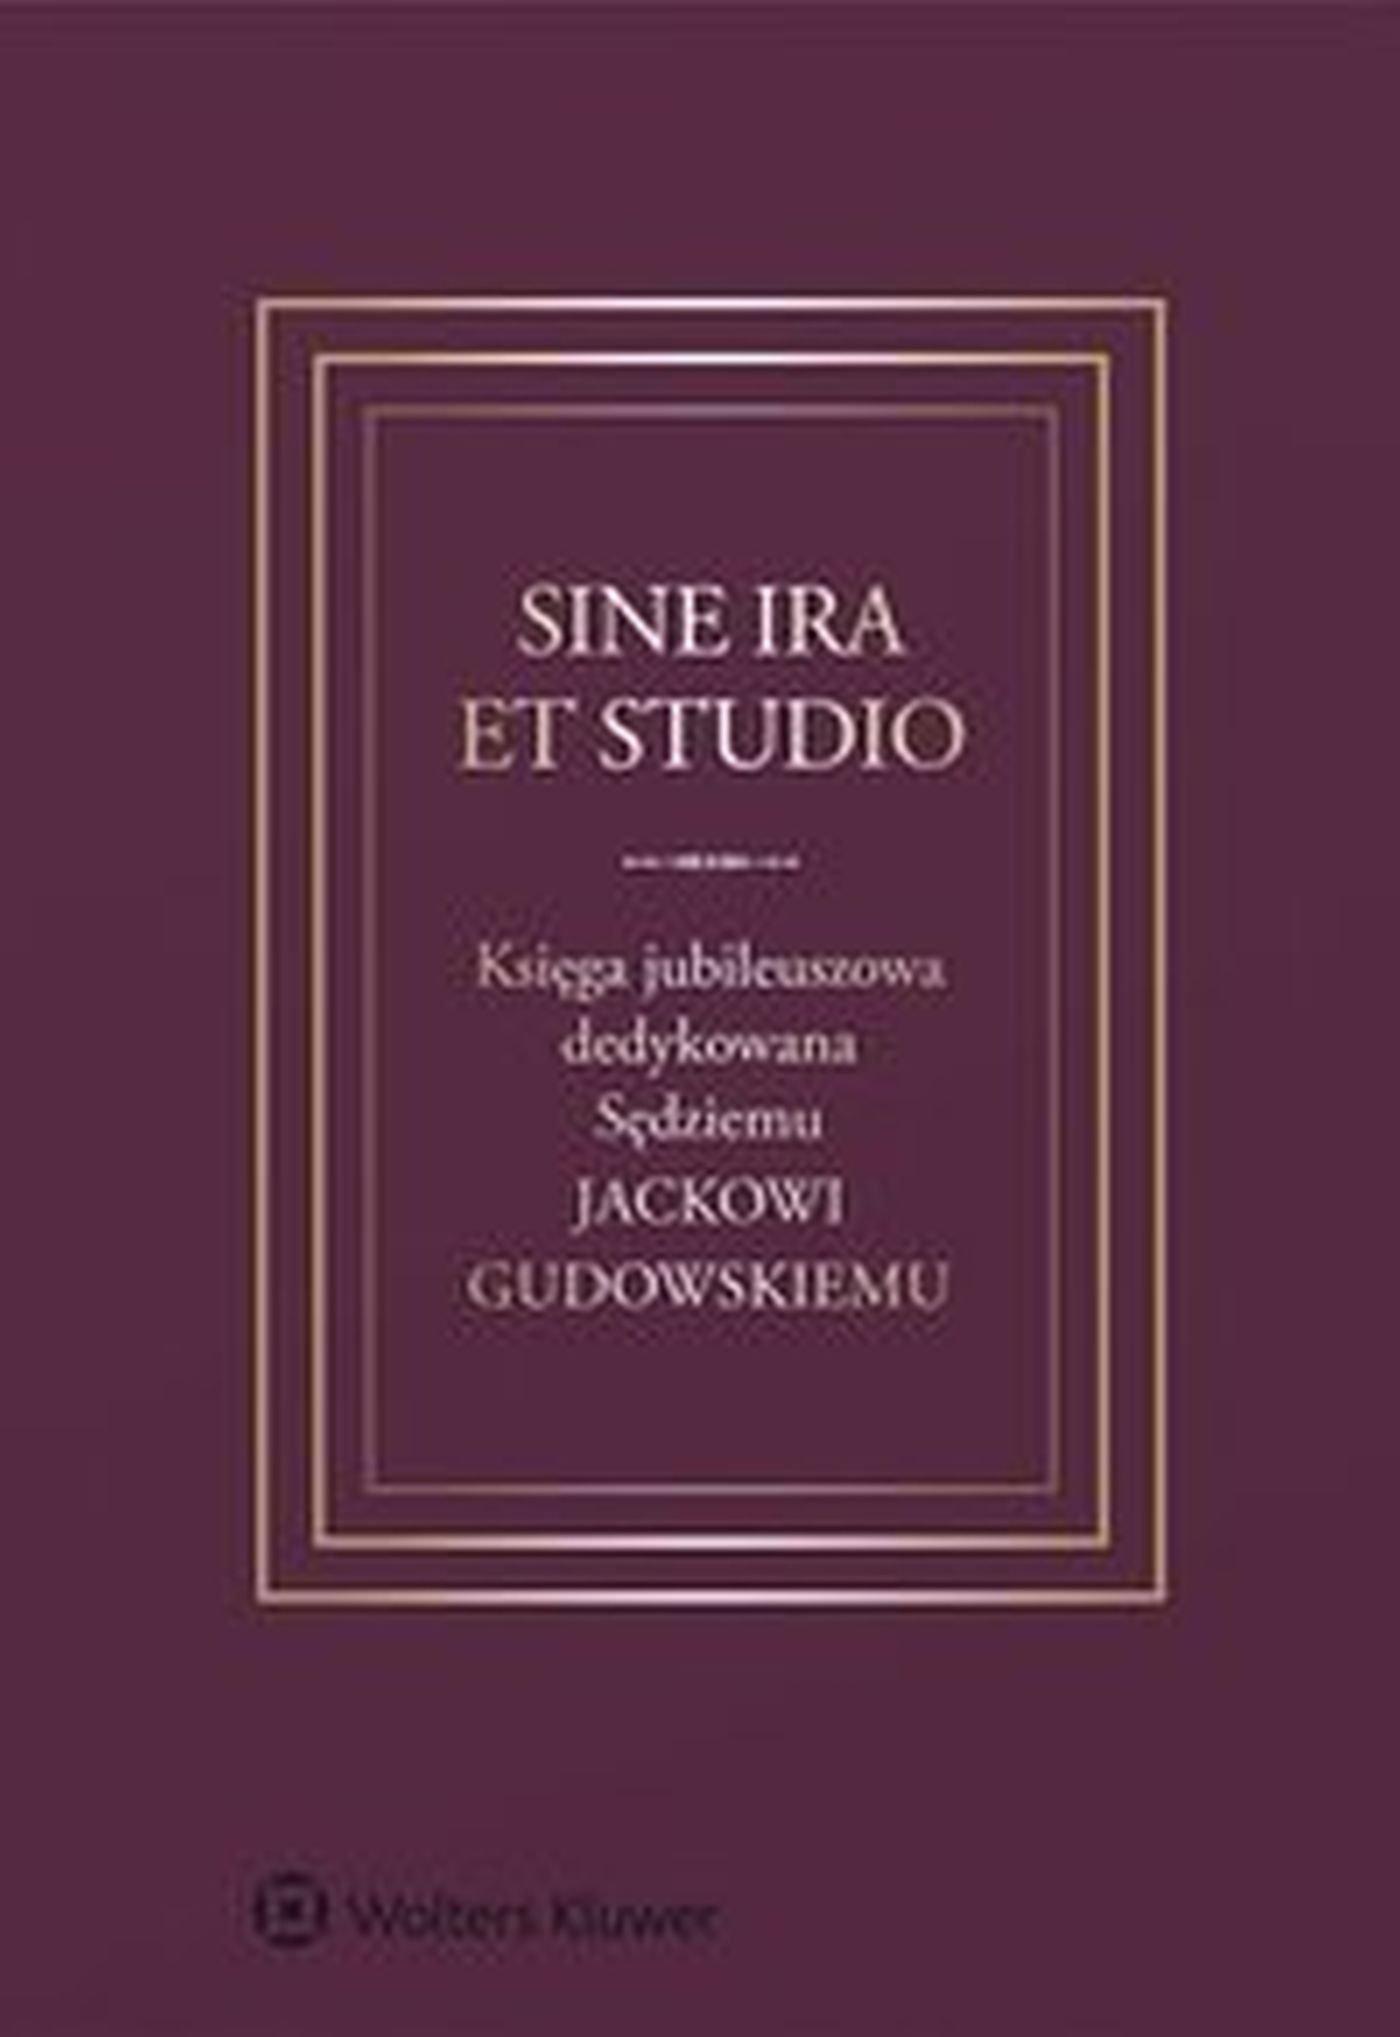 Sine ira et studio. Księga jubileuszowa dedykowana Sędziemu Jackowi Gudowskiemu - Ebook (Książka EPUB) do pobrania w formacie EPUB